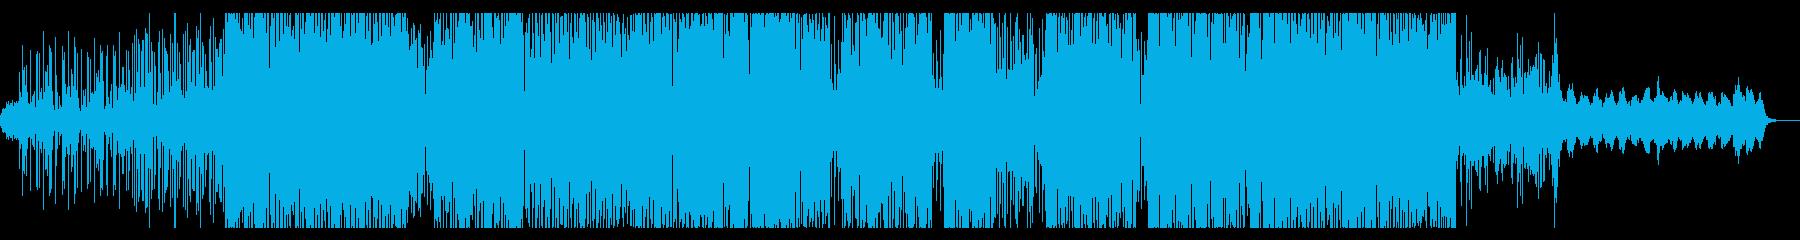 怪しい雰囲気のミニマルトライバルテクノの再生済みの波形